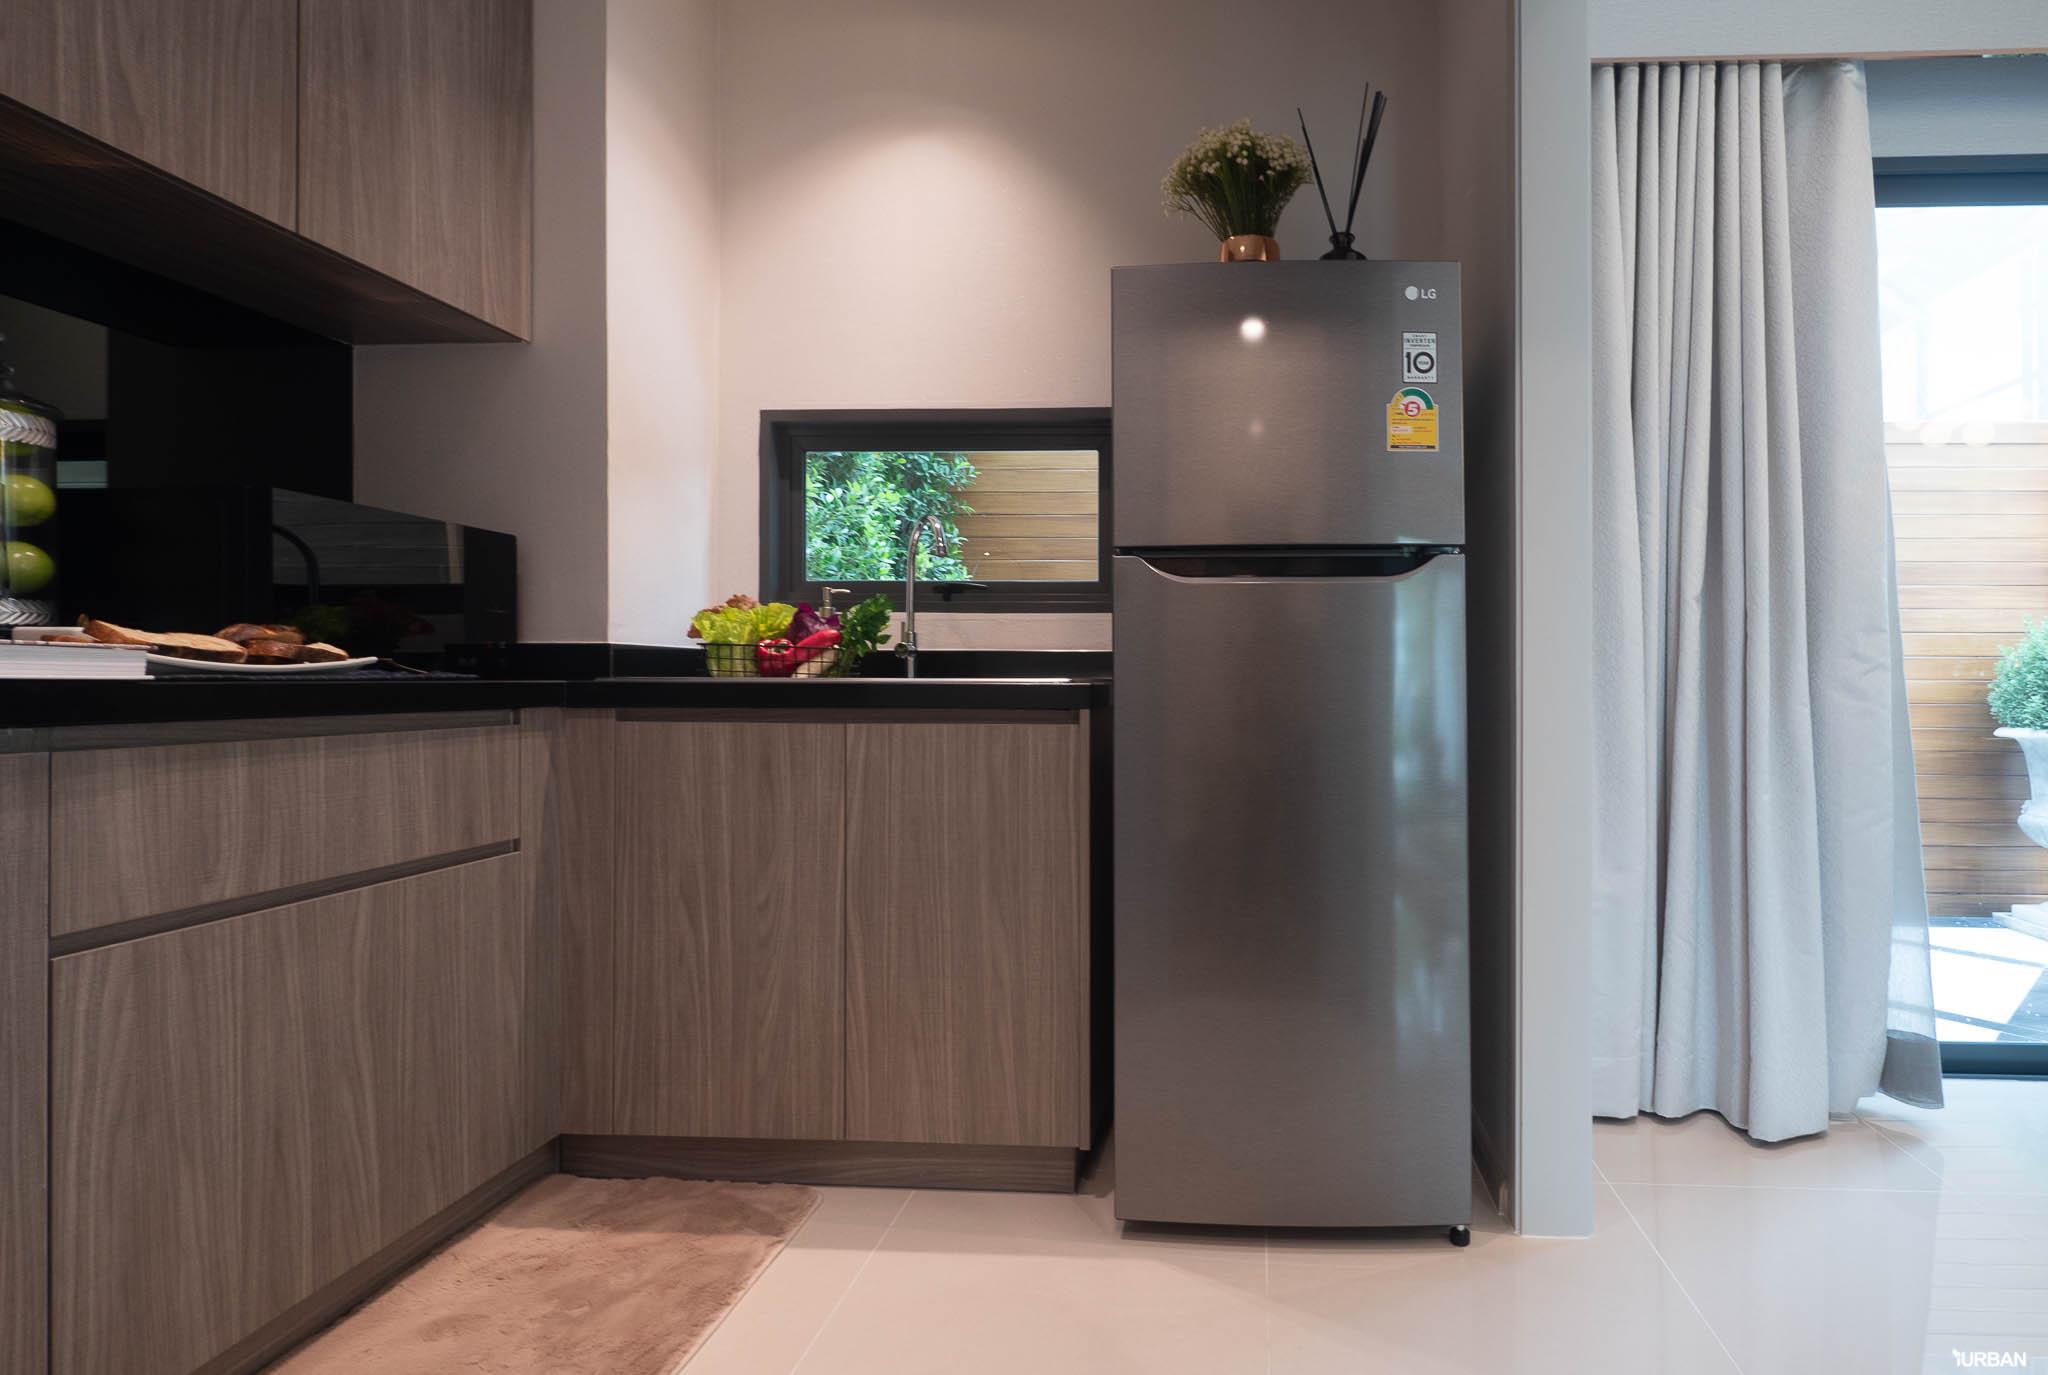 รีวิว URBANIO วิภาวดี-แจ้งวัฒนะ พรีเมียมทาวน์โฮม 3 ชั้นสุดสวย ใกล้สถานี Interchange เริ่ม 5.59 ล้าน จาก Ananda 49 - Premium